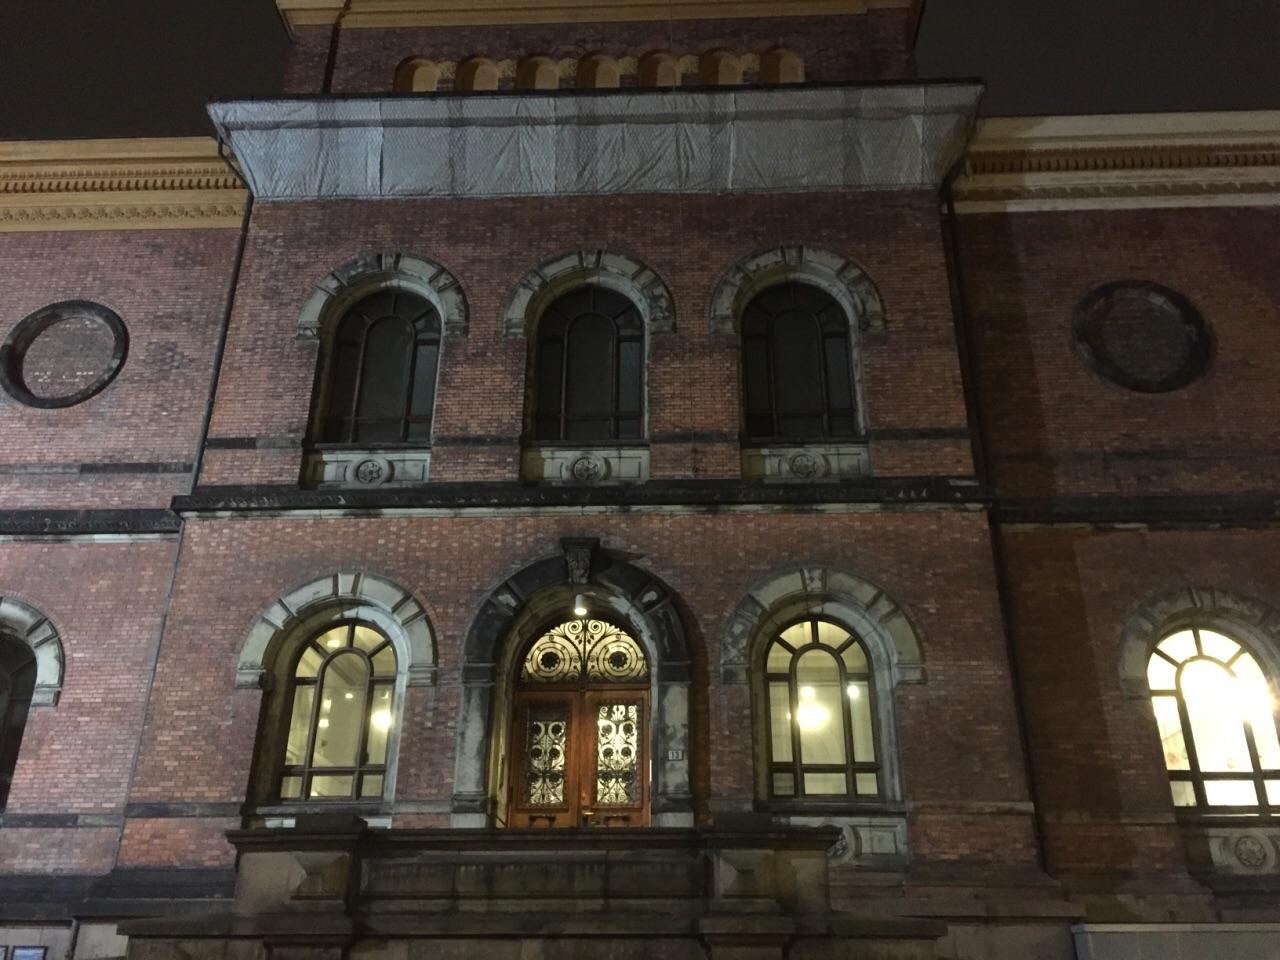 挪威工藝博物館  Museum of Decorative Arts and Design   -3